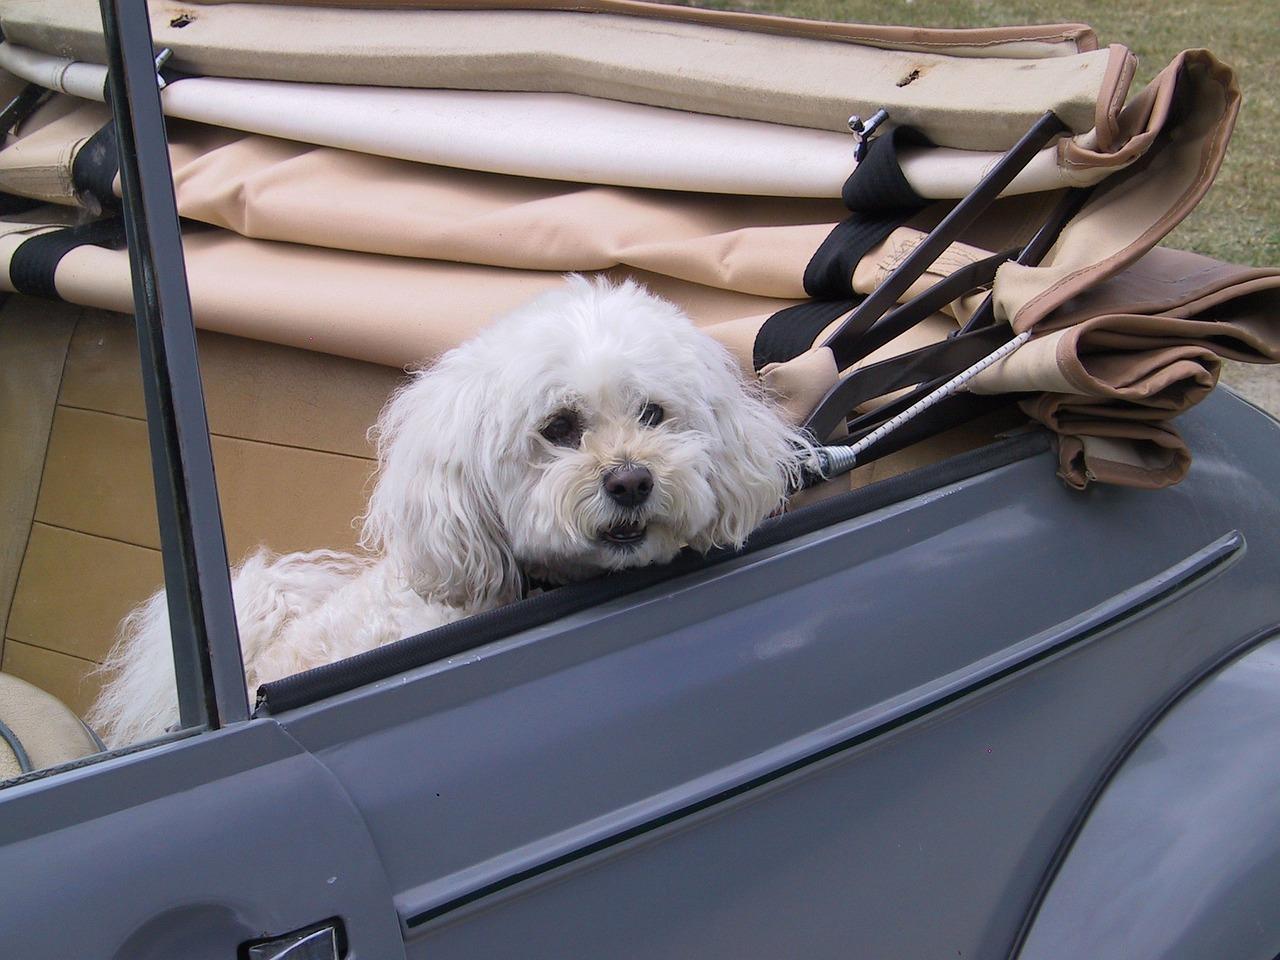 Cucciolo guida la Mercedes